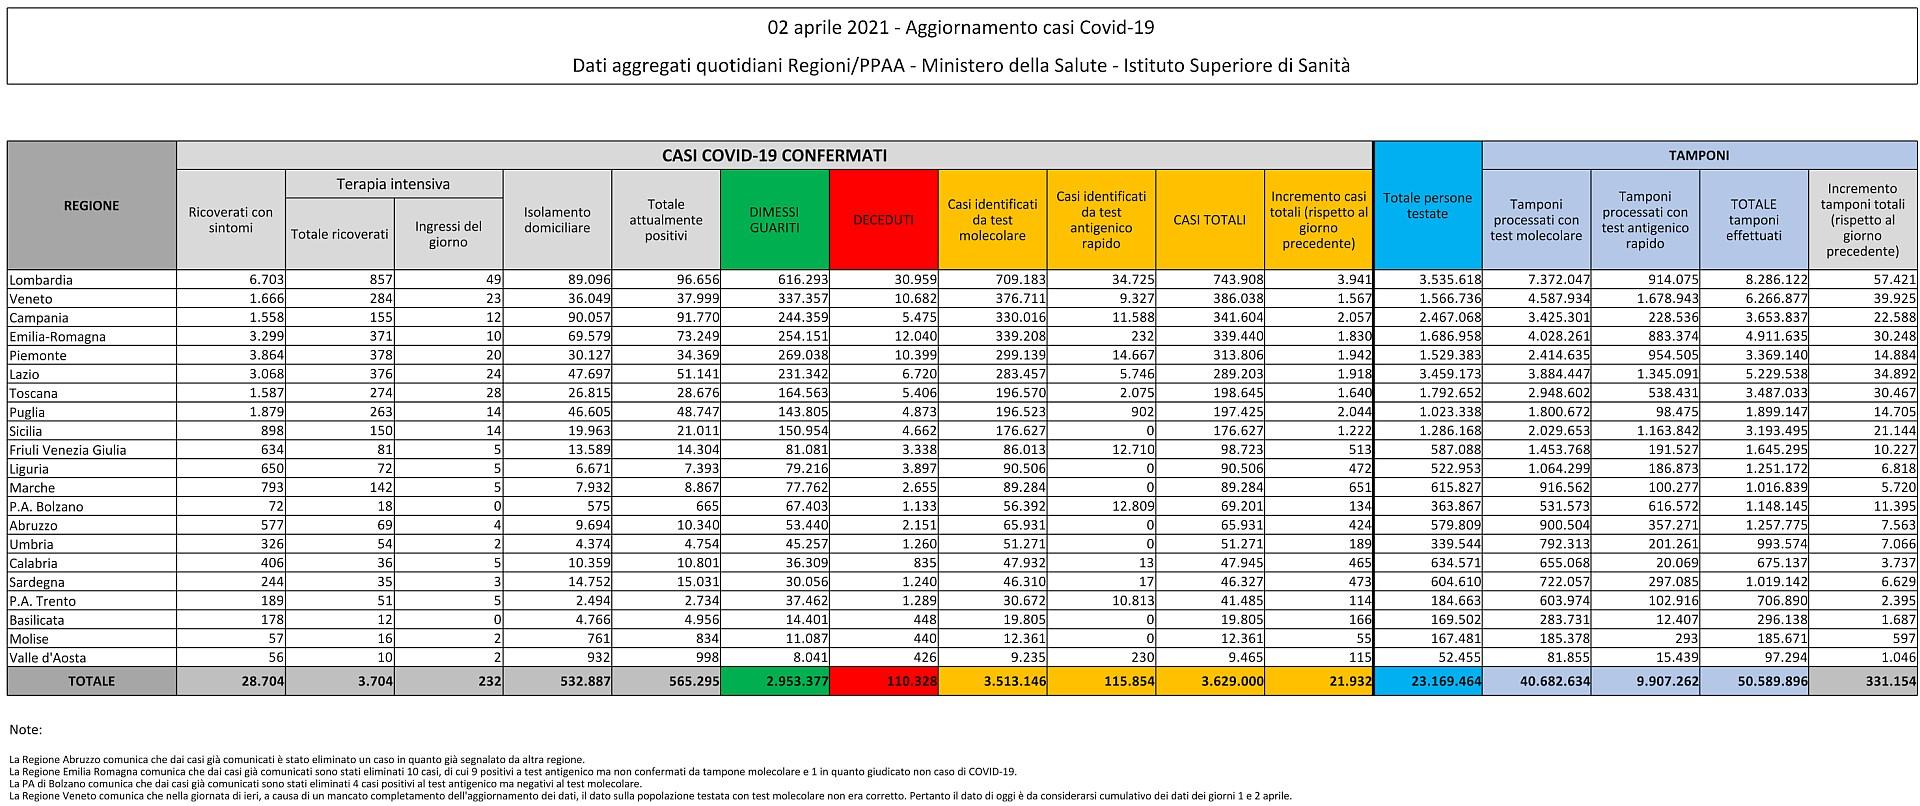 2 aprile 2021 - Aggiornamento casi Covid-19 Dati aggregati quotidiani Regioni/PPAA - Ministero della Salute - Istituto Superiore di Sanità